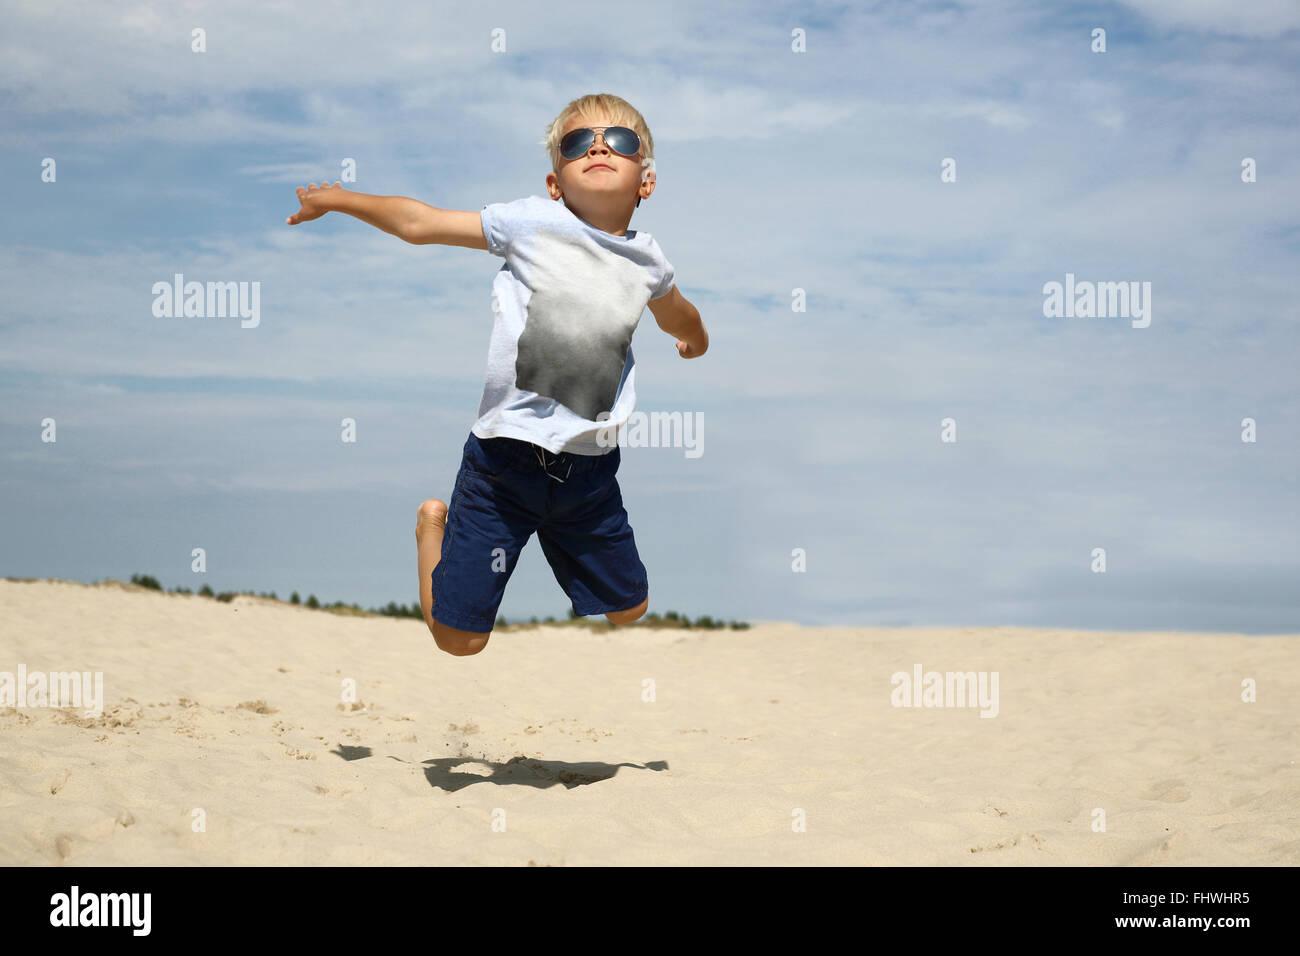 Puedo volar! El muchacho salta sobre la arena de la playa. Vacaciones! Imagen De Stock